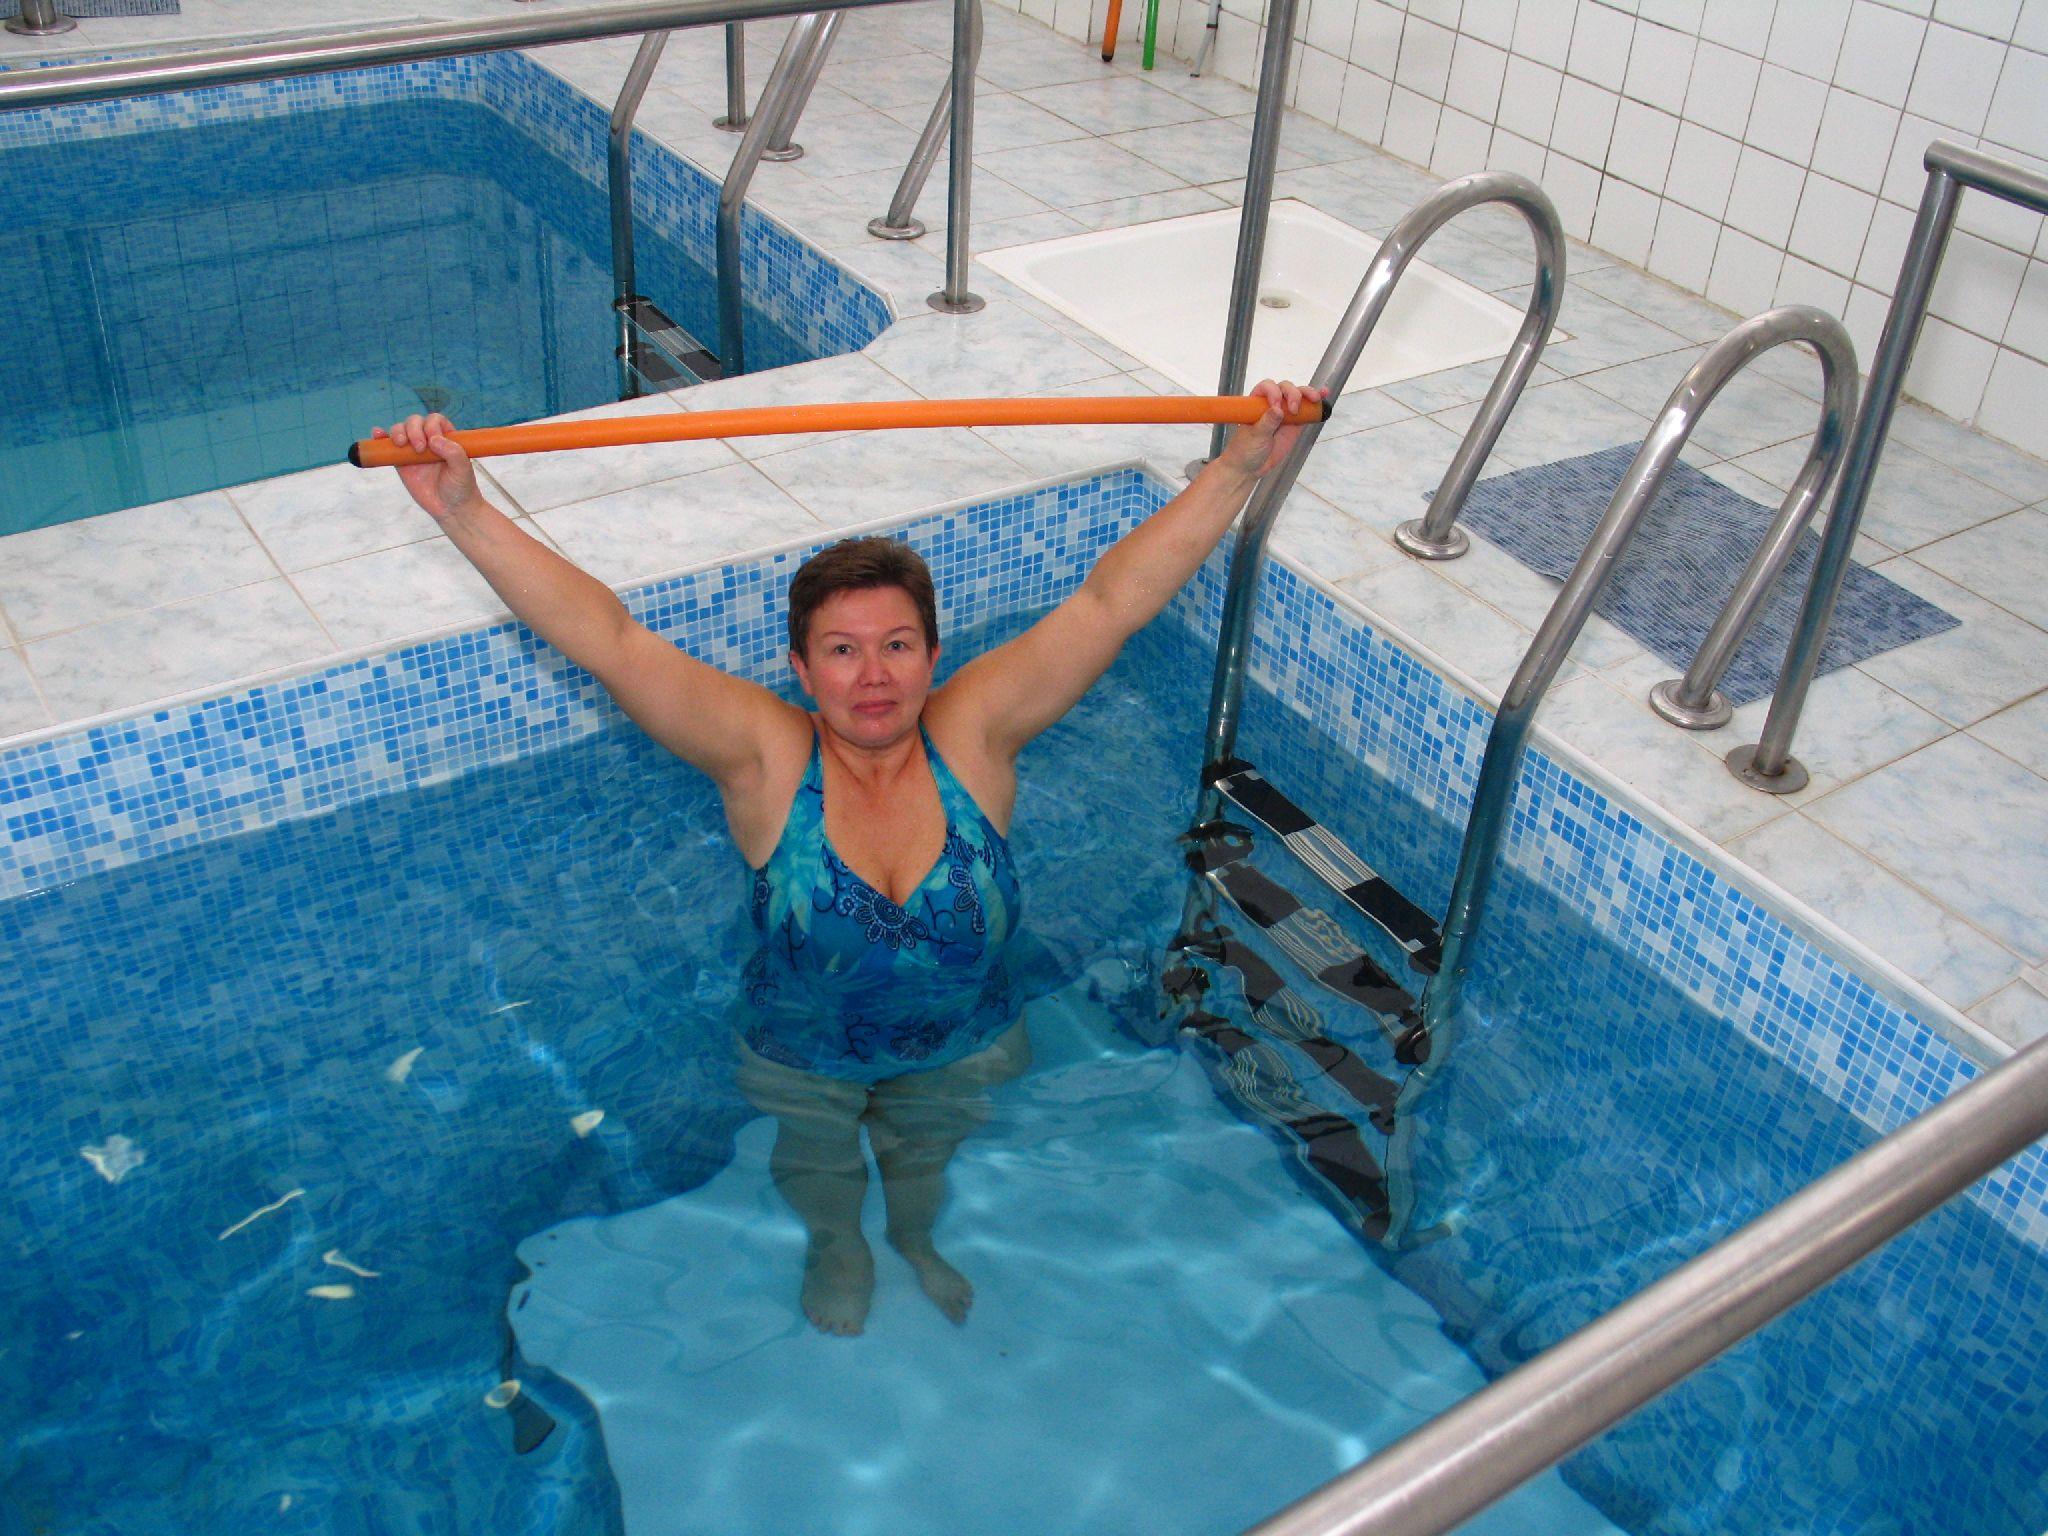 санатории белоруссии с бассейном и грязелечением